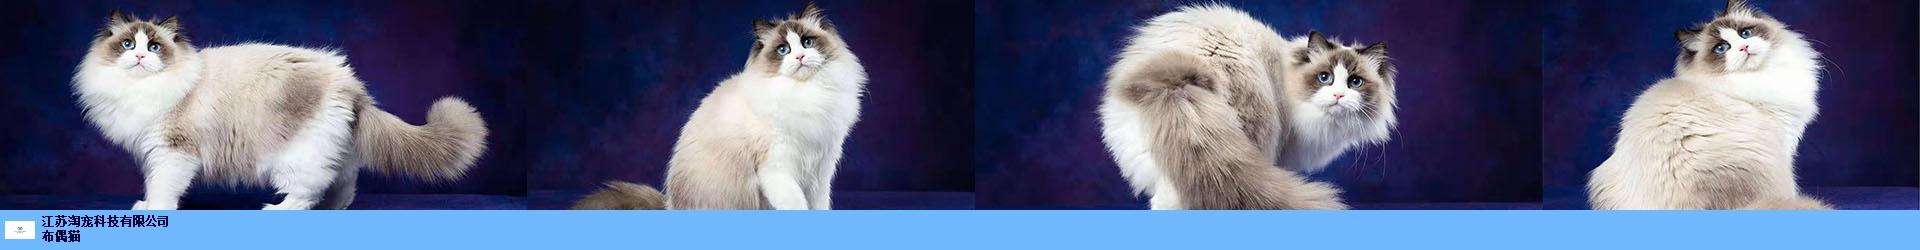 苏州双色布偶猫 抱诚守真 江苏淘宠科技供应